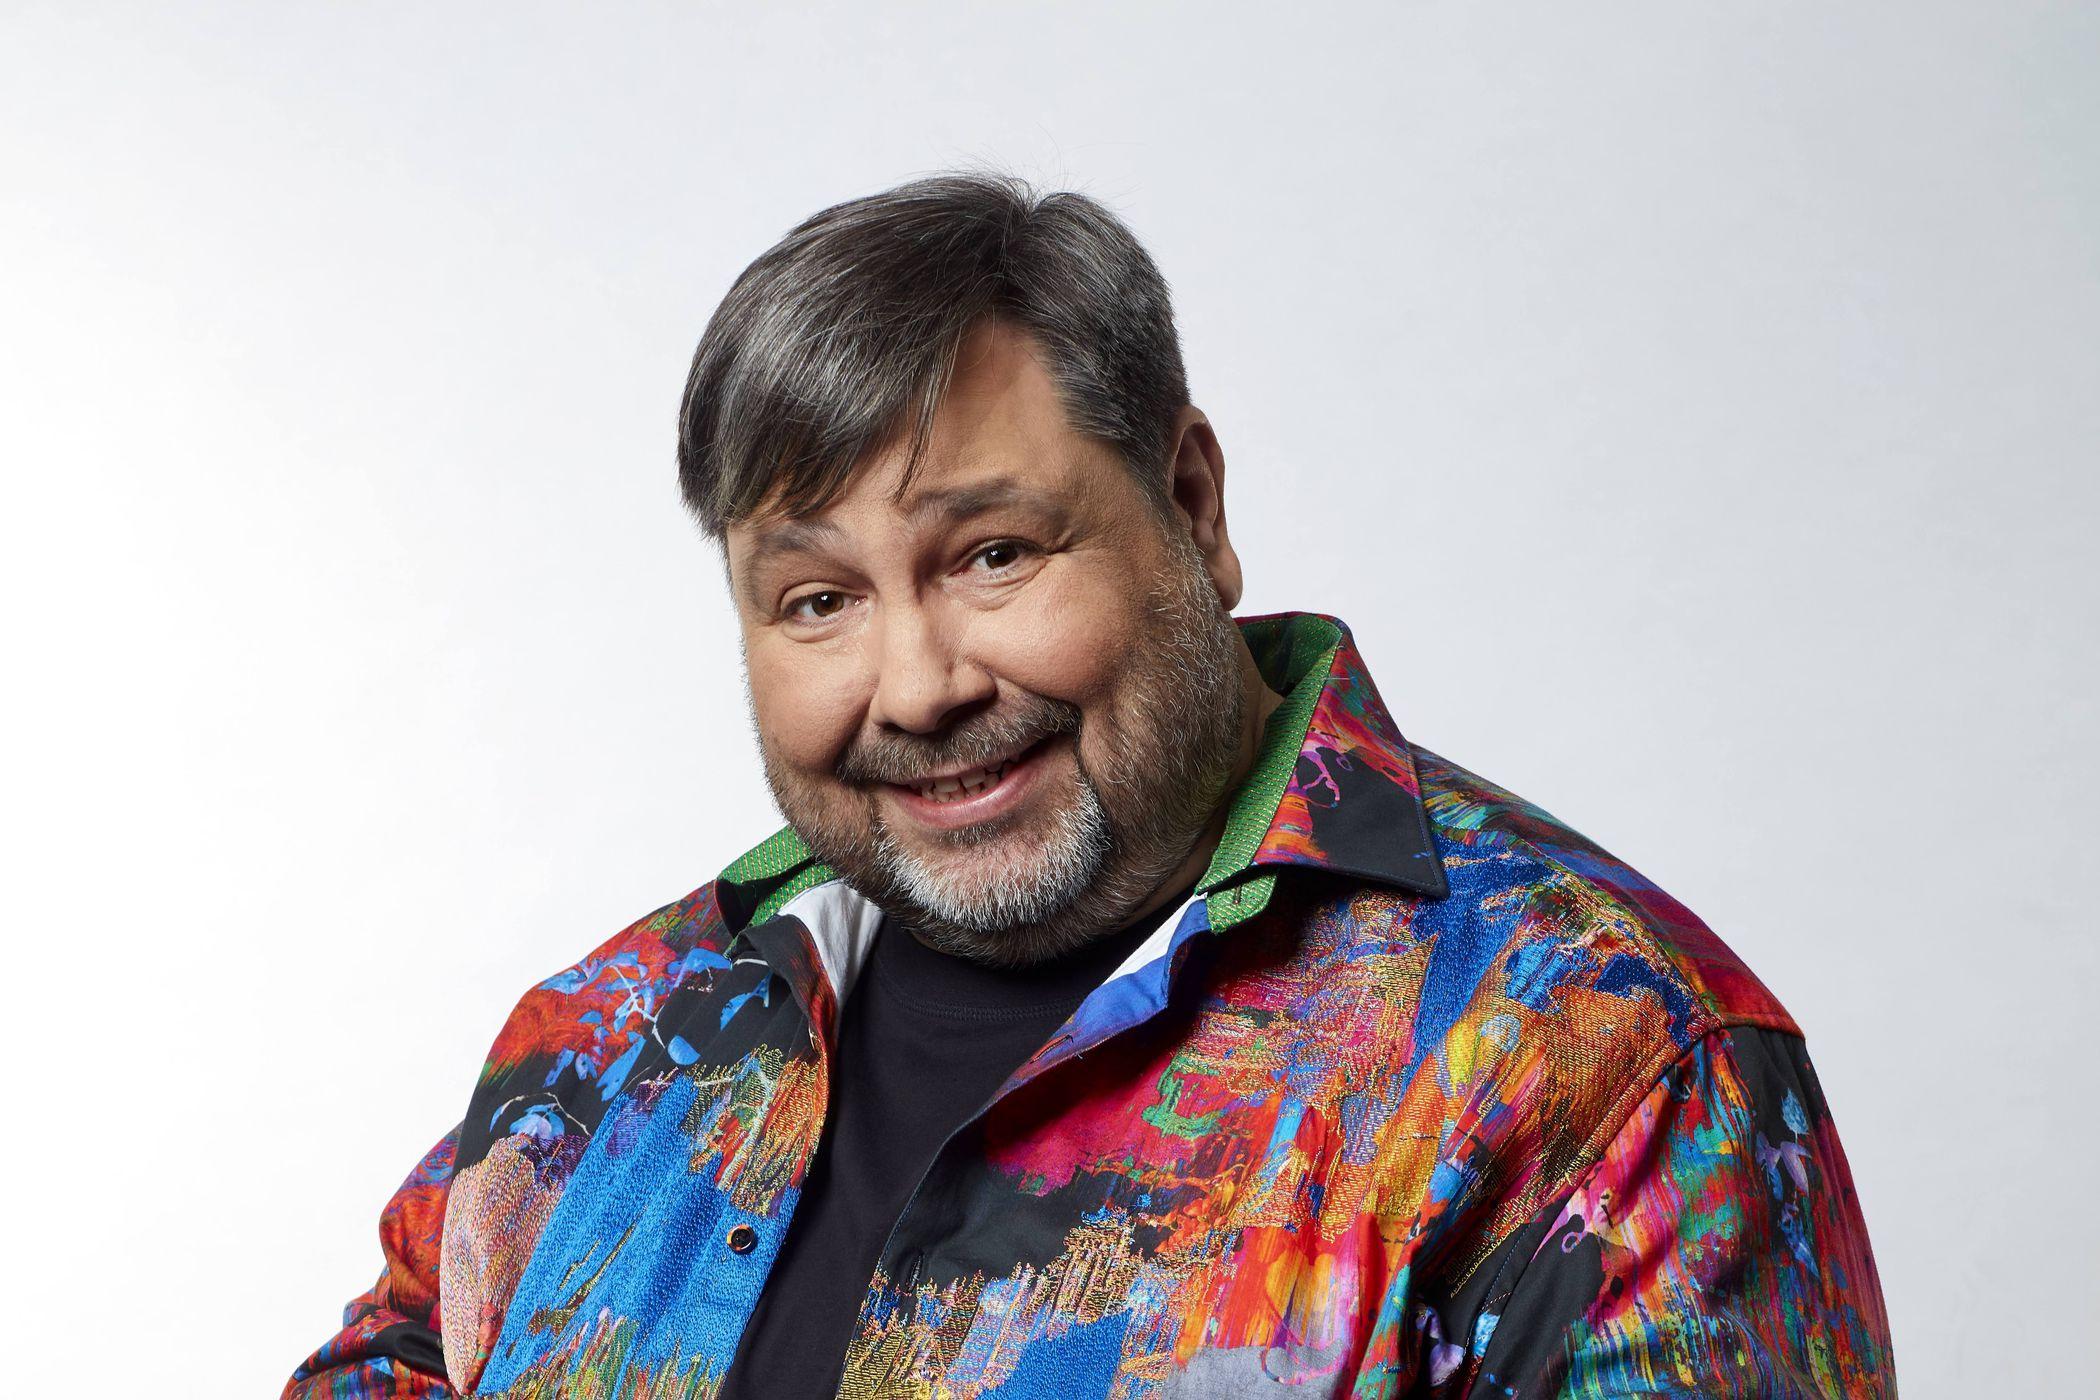 Obrázek Xaver a host, Politik Jan Hamáček (ČSSD) hostem Luboše Xavera…